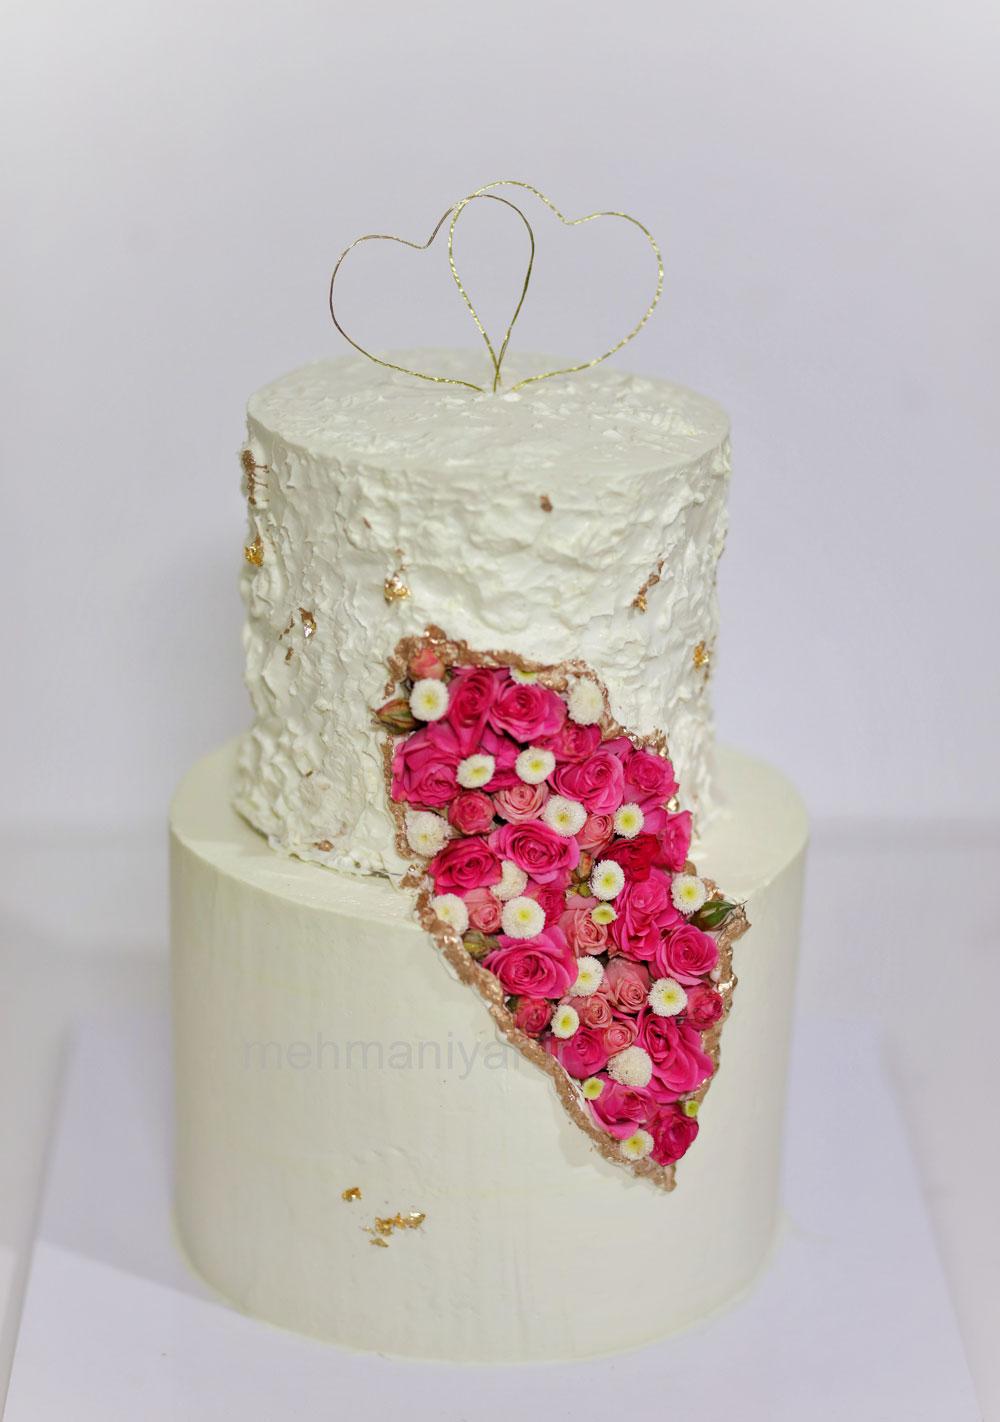 کیک با گل مینیاتوری